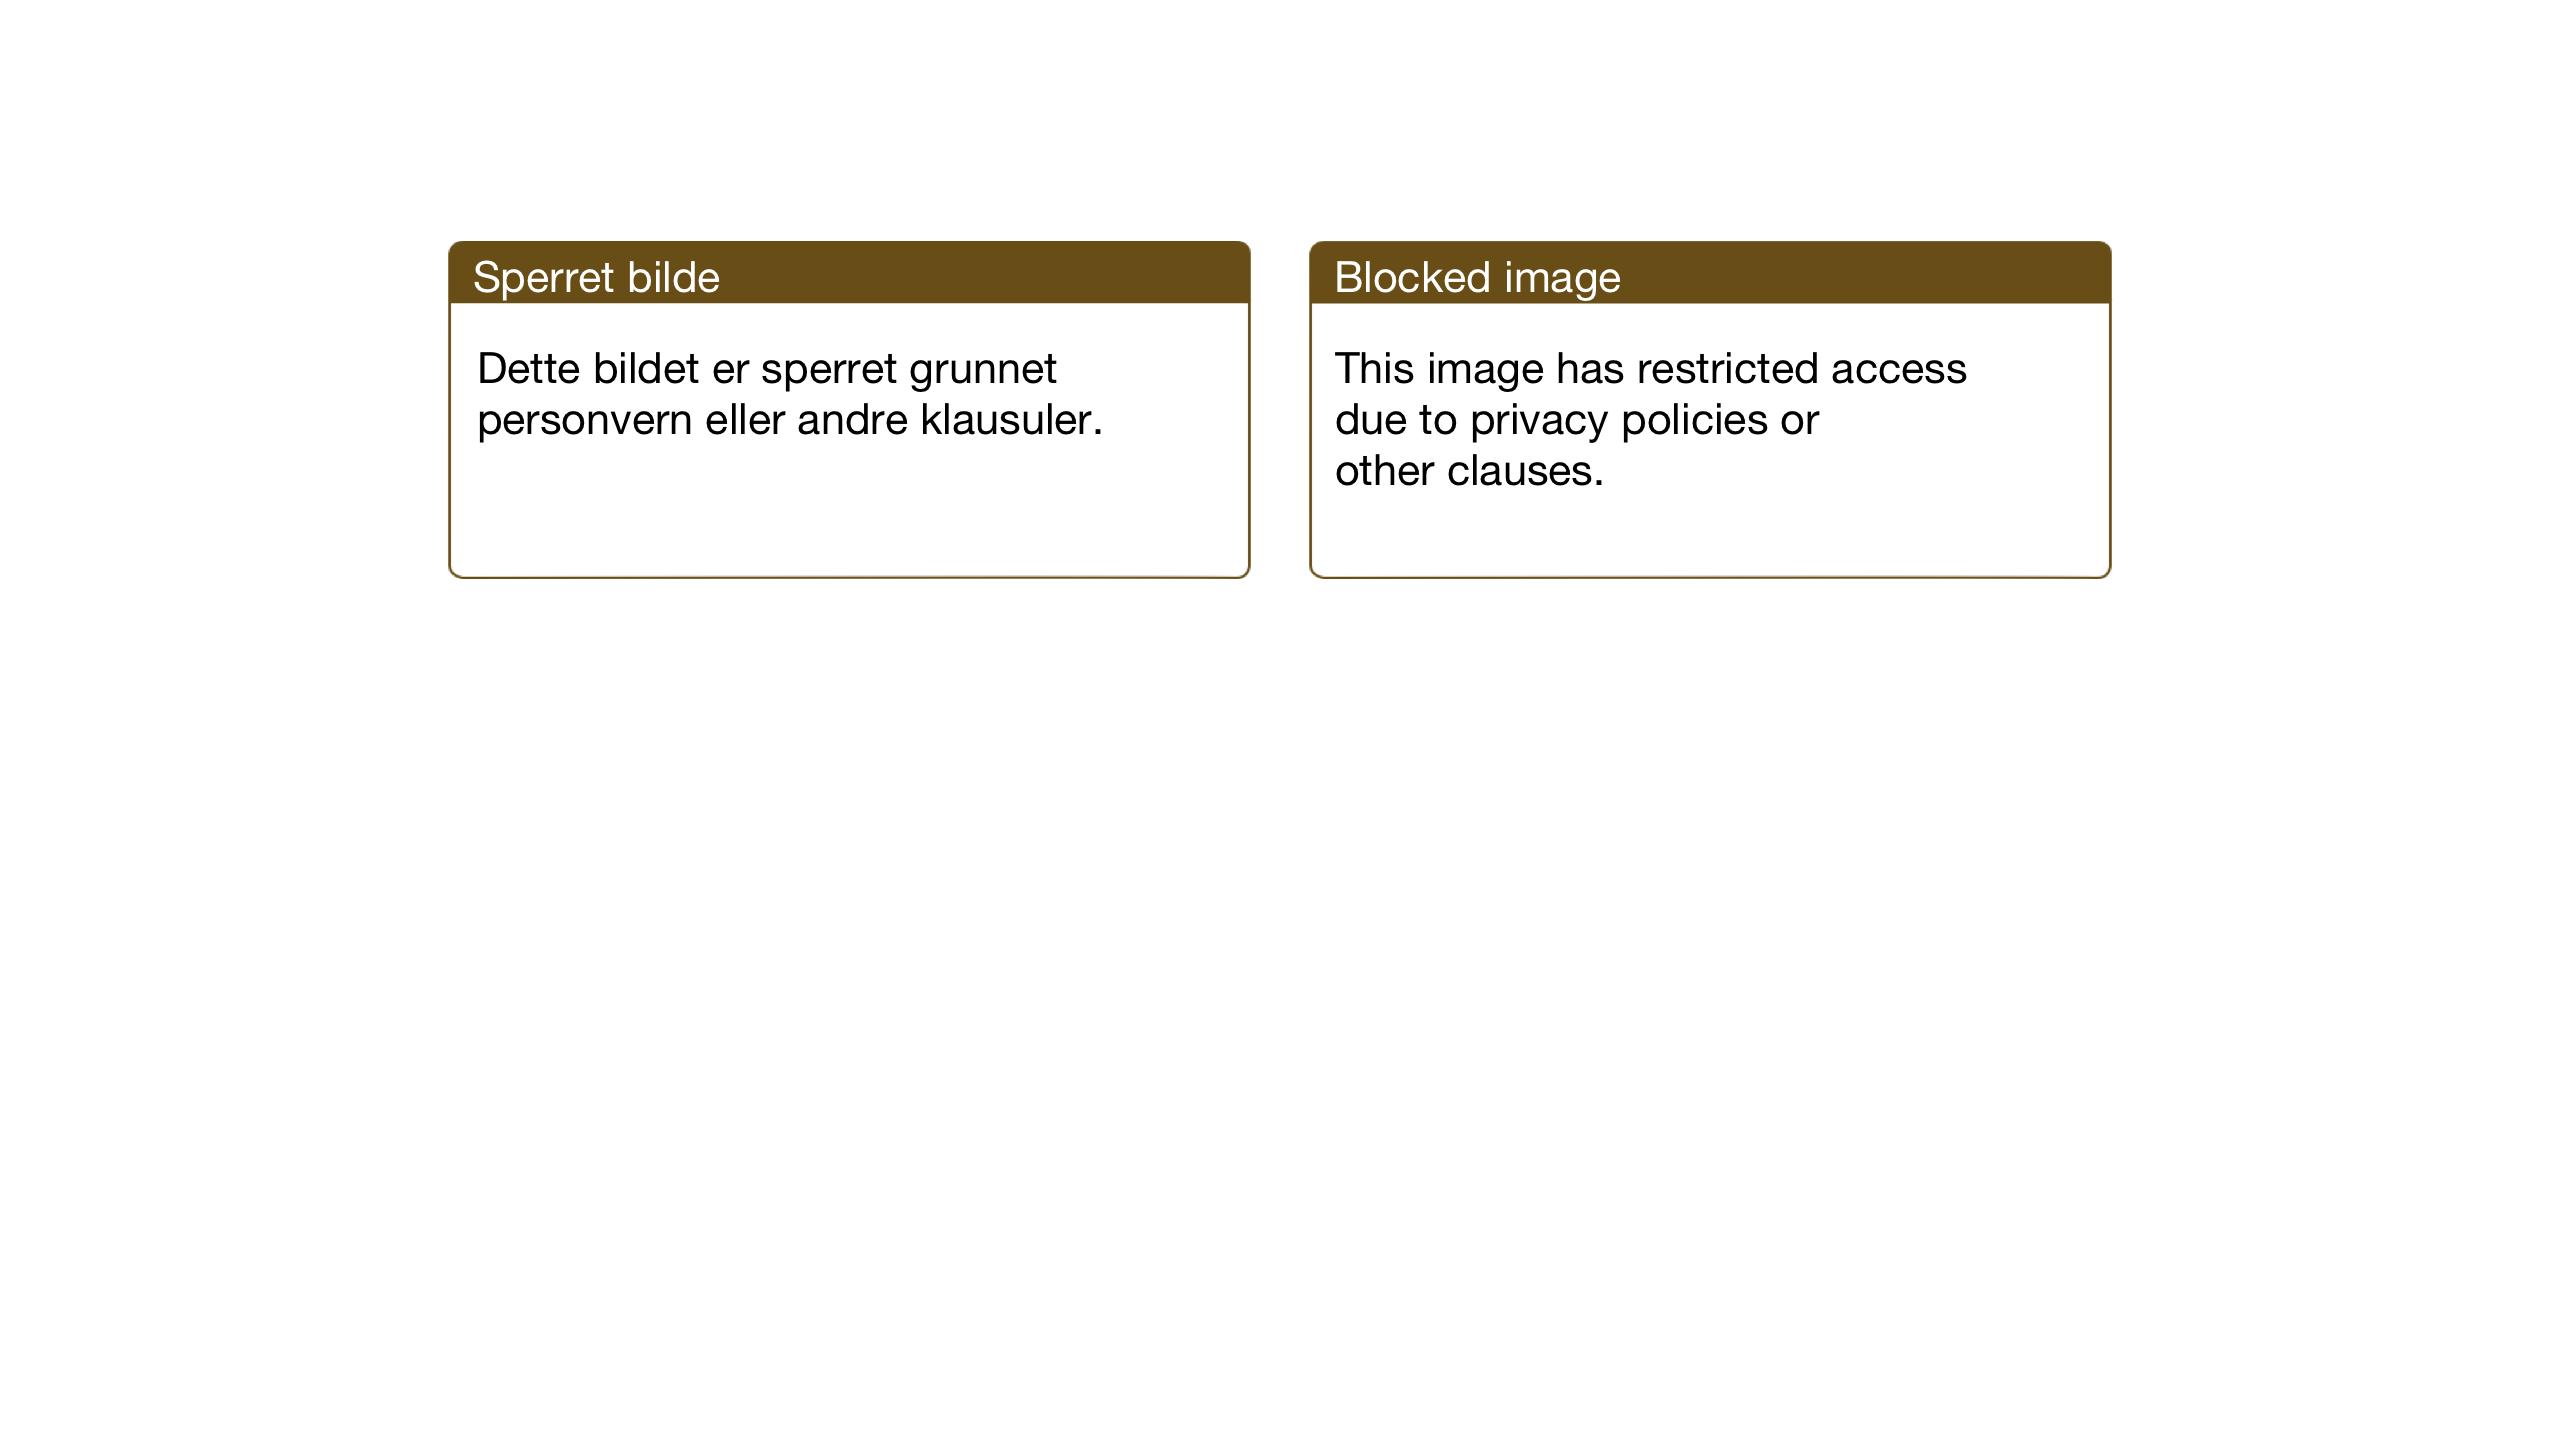 SAT, Ministerialprotokoller, klokkerbøker og fødselsregistre - Sør-Trøndelag, 602/L0151: Klokkerbok nr. 602C19, 1925-1951, s. 93